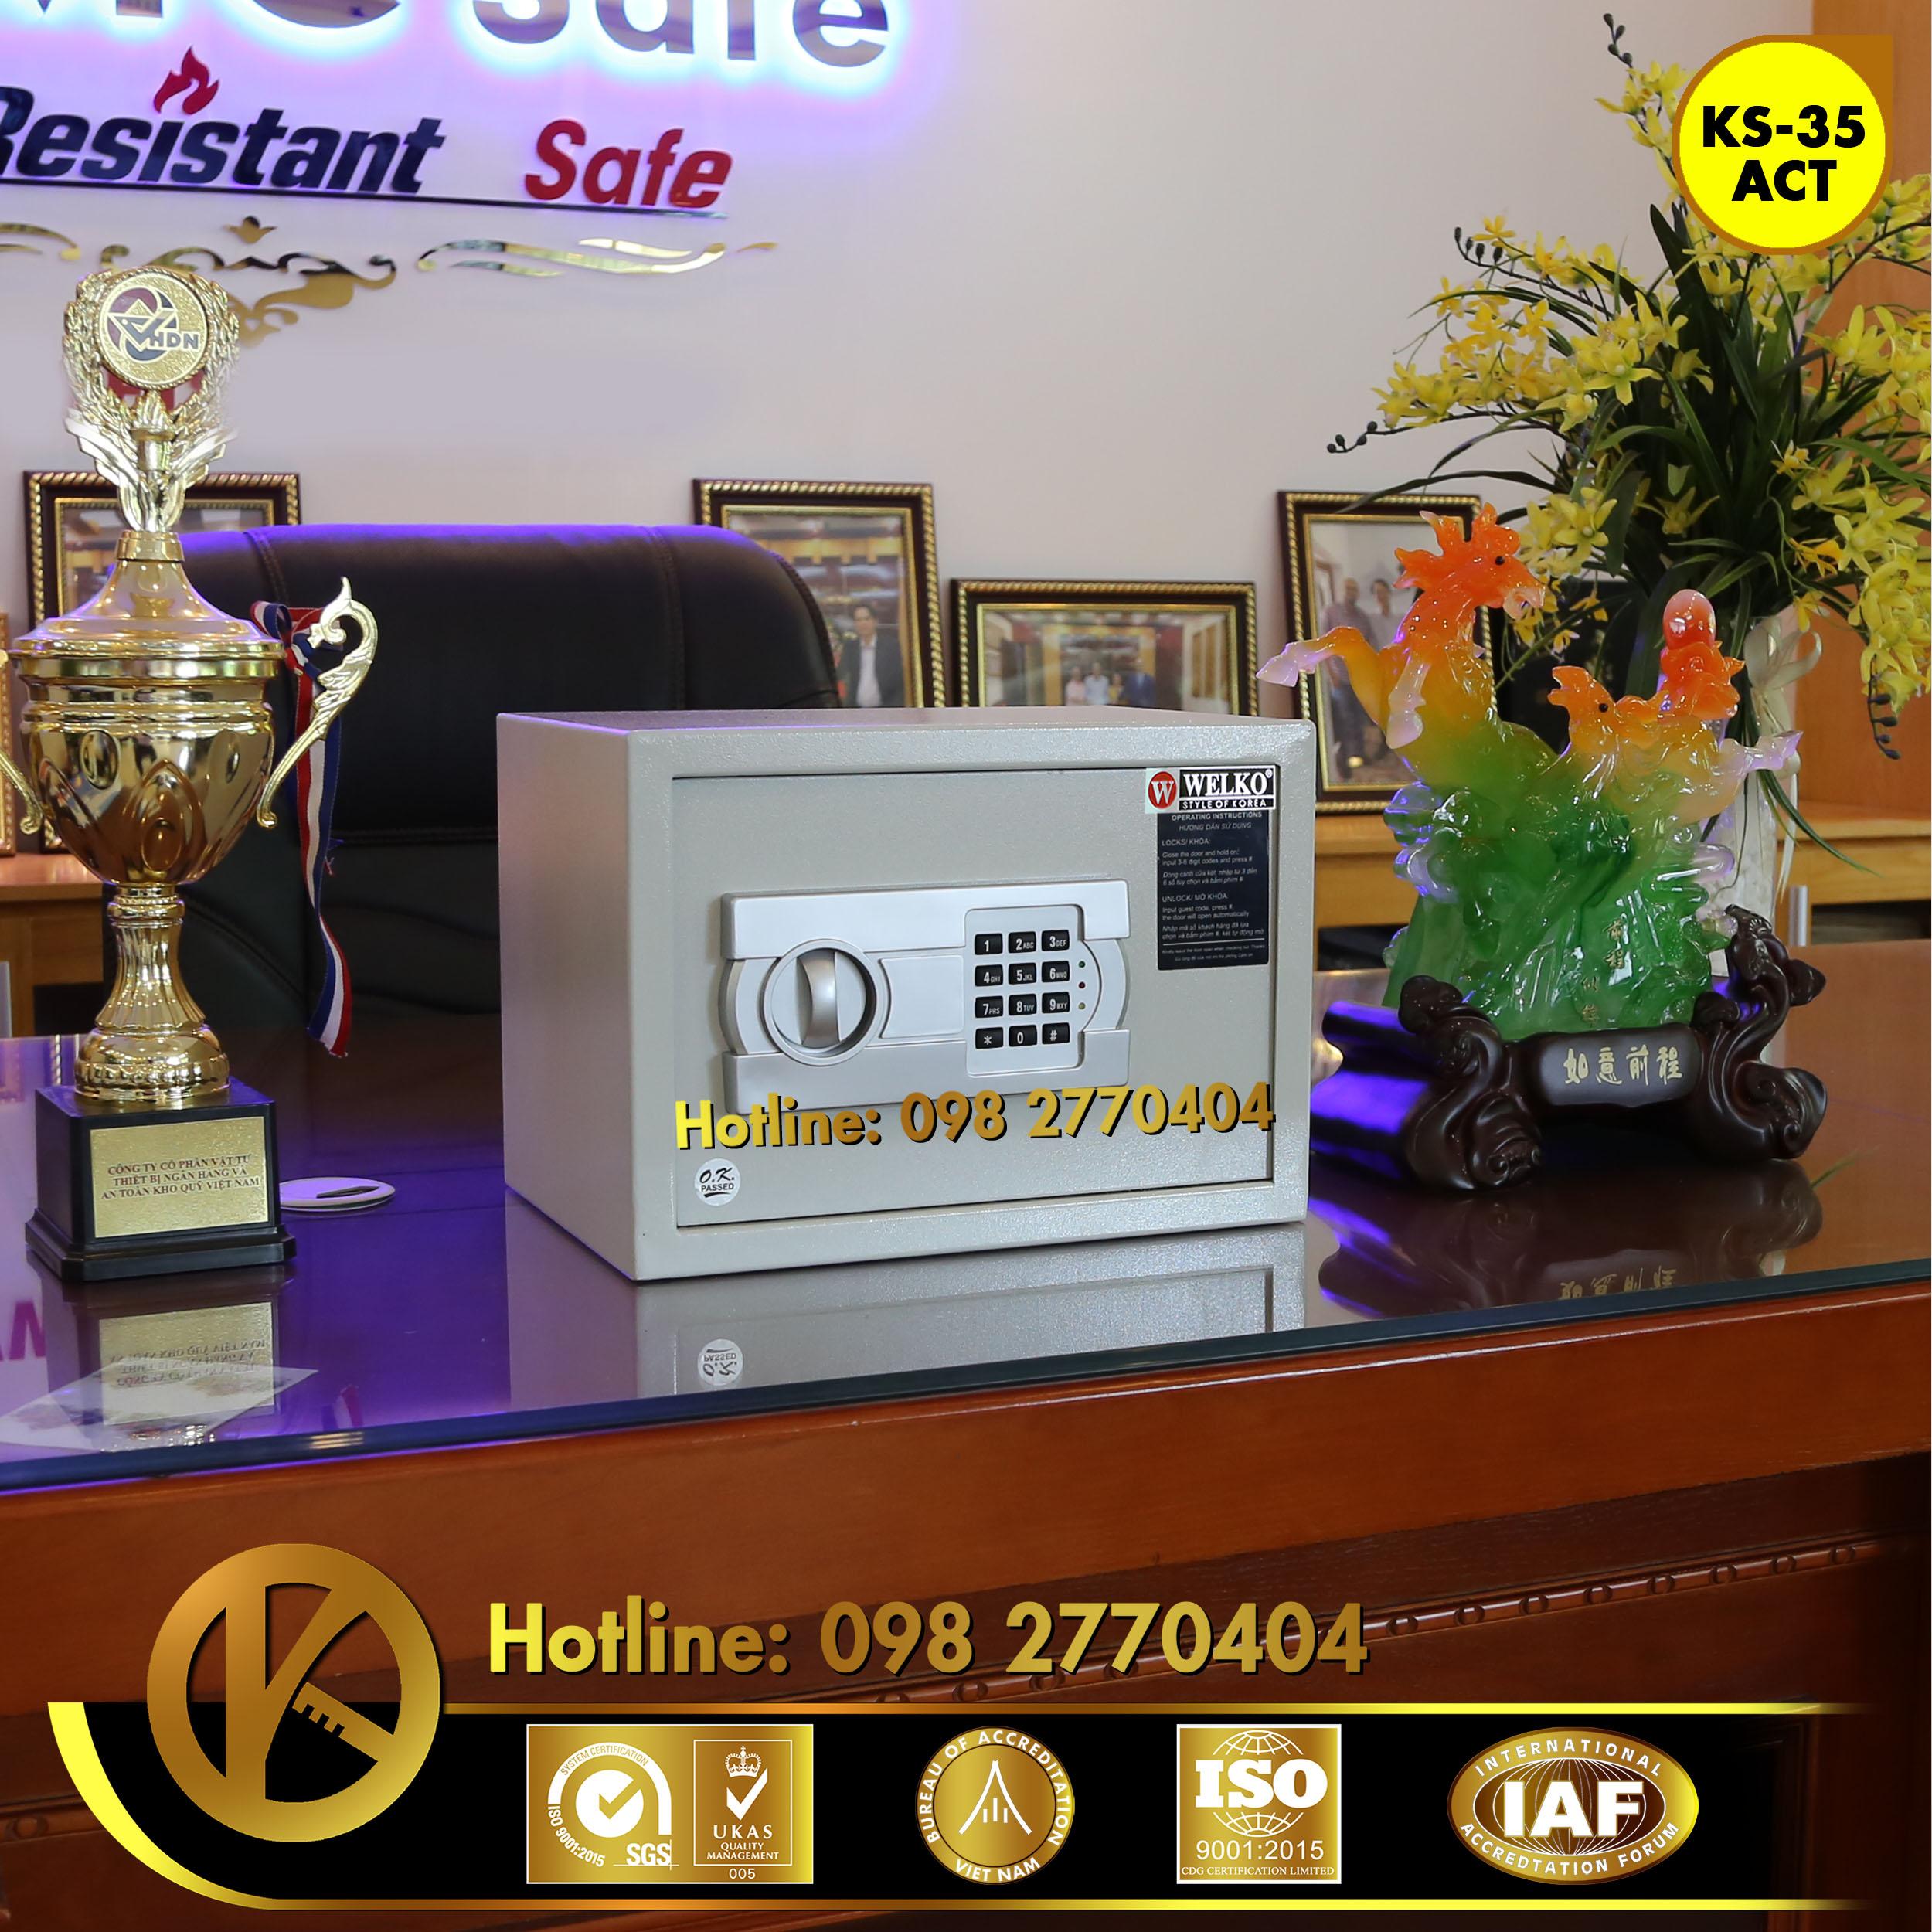 nhà cung cấp két sắt khách sạn WELKO Hotel Safe Căn Hộ Condotel Nha Trang